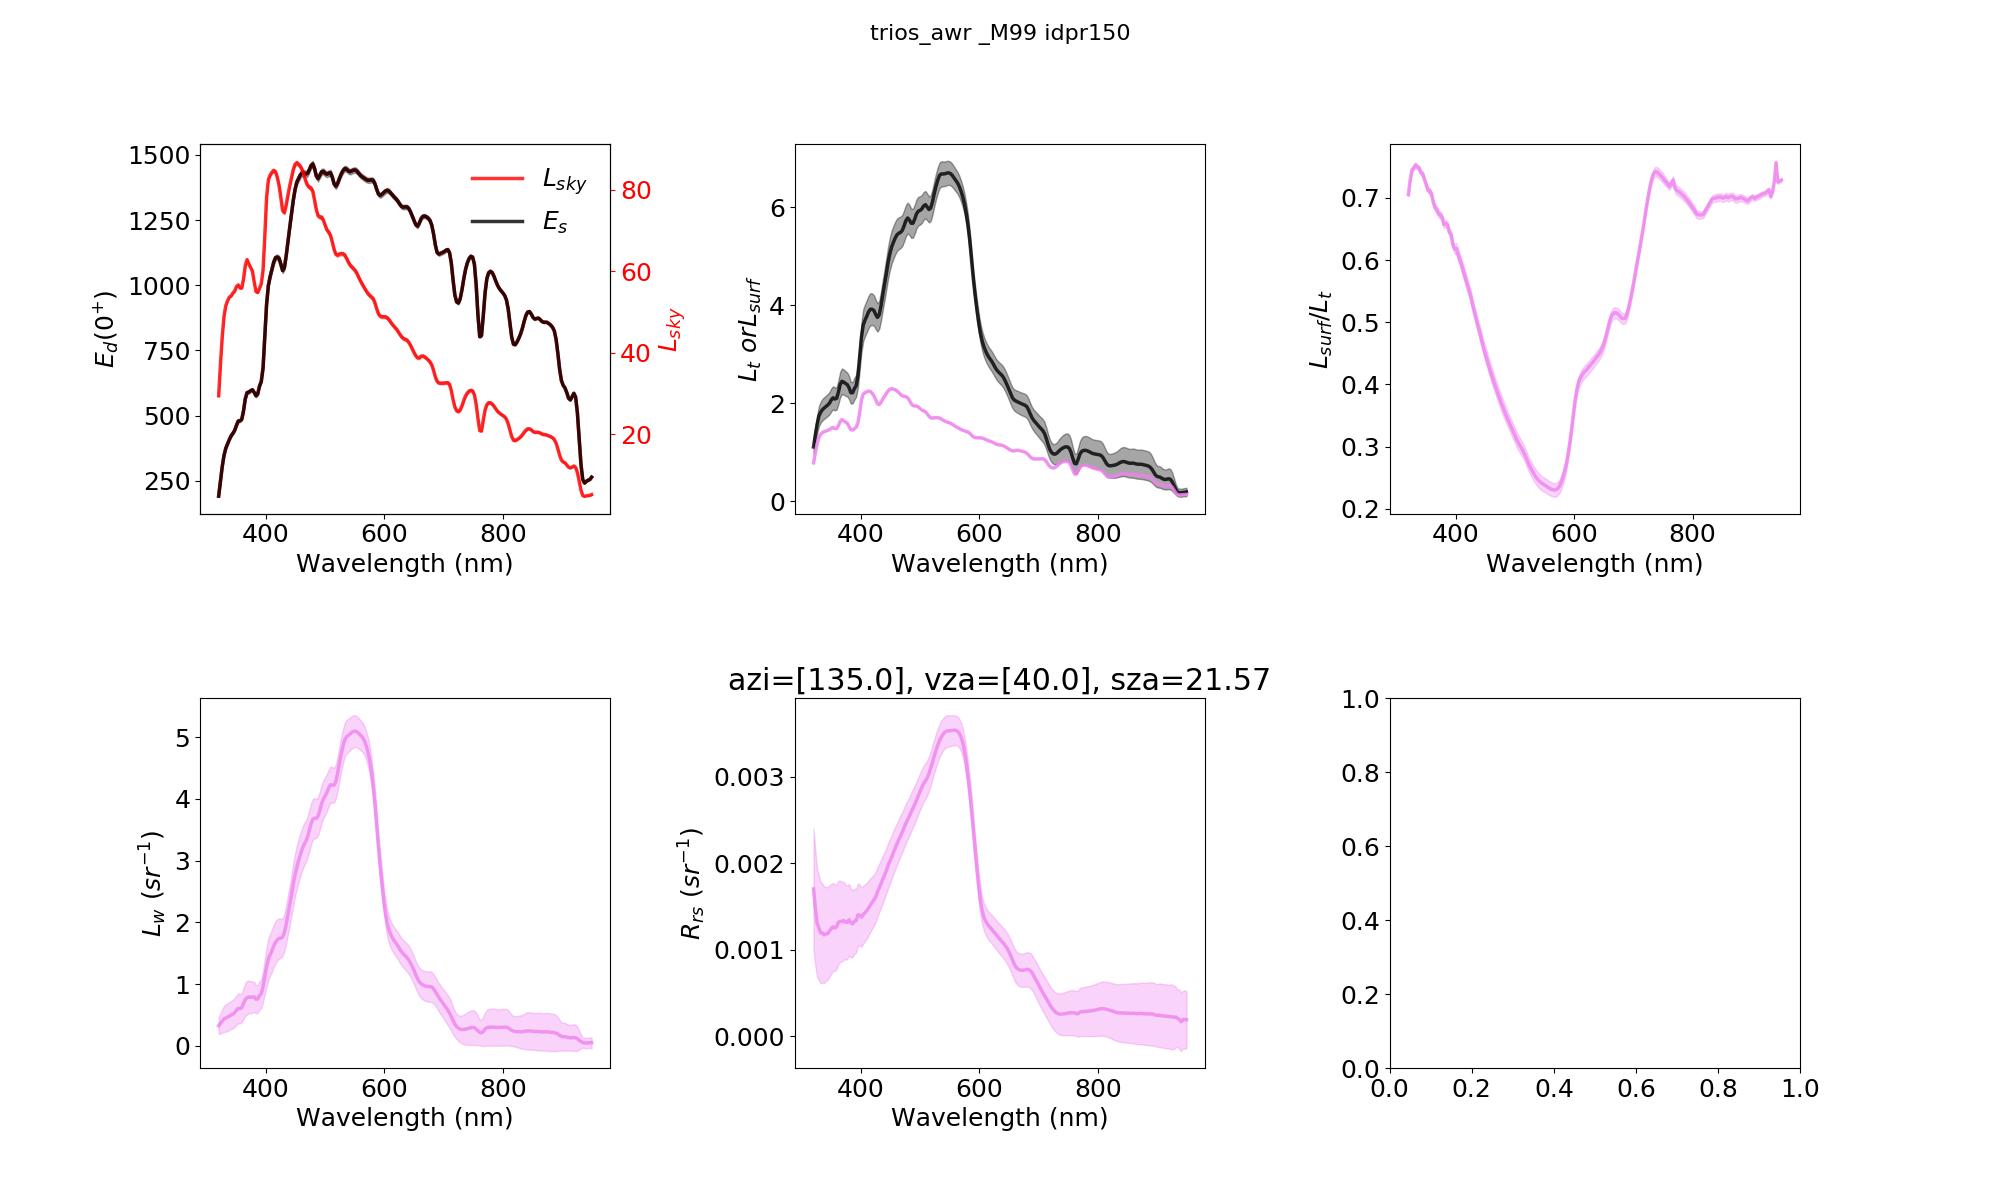 test/fig/trios_awr_2018-05-30_idpr150_M99.png